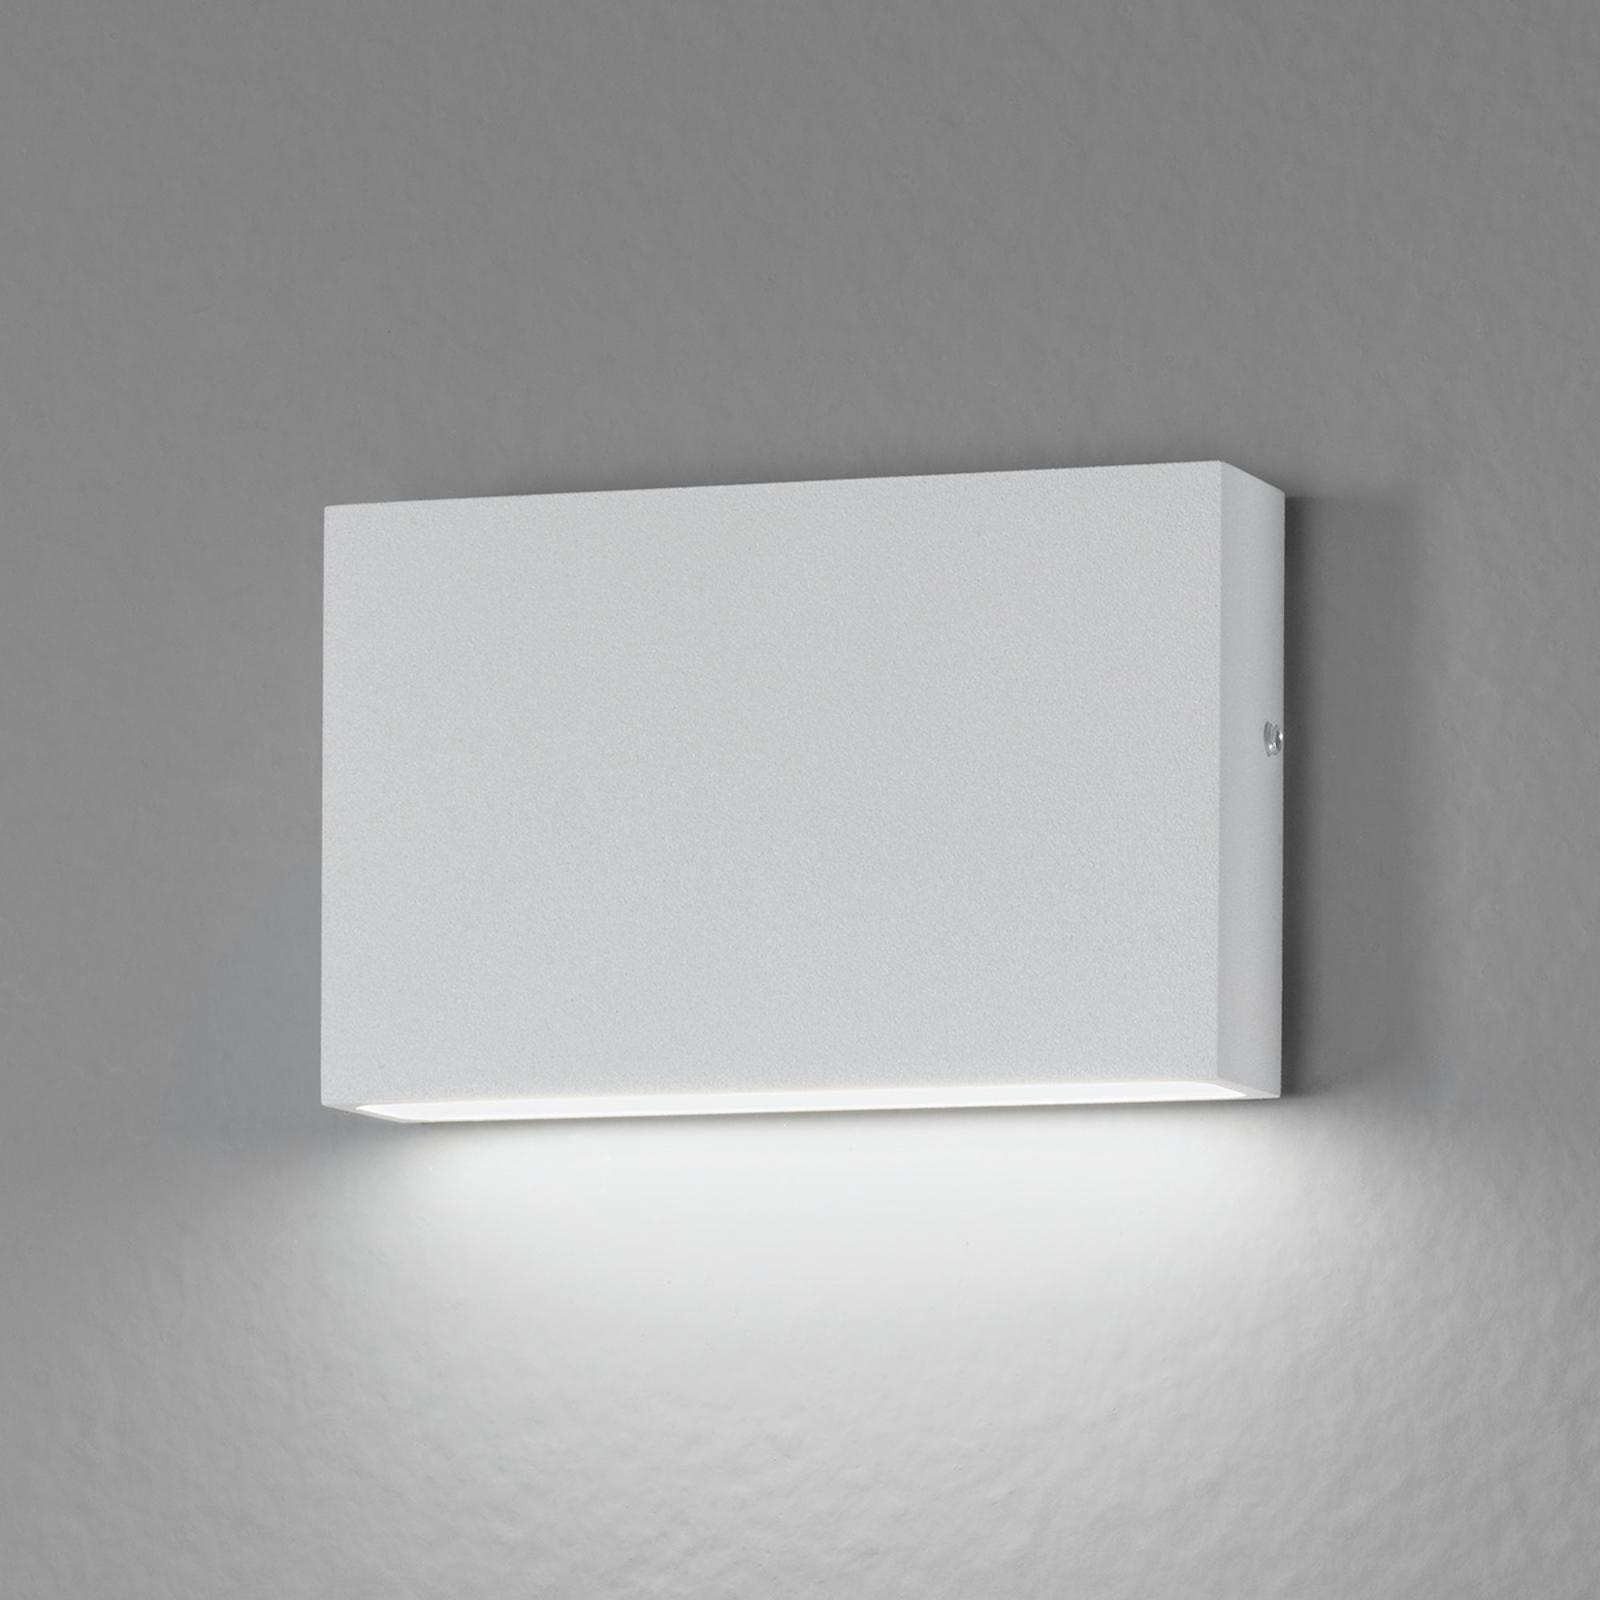 För inom- och utomhus - LED-vägglampa Flatbox